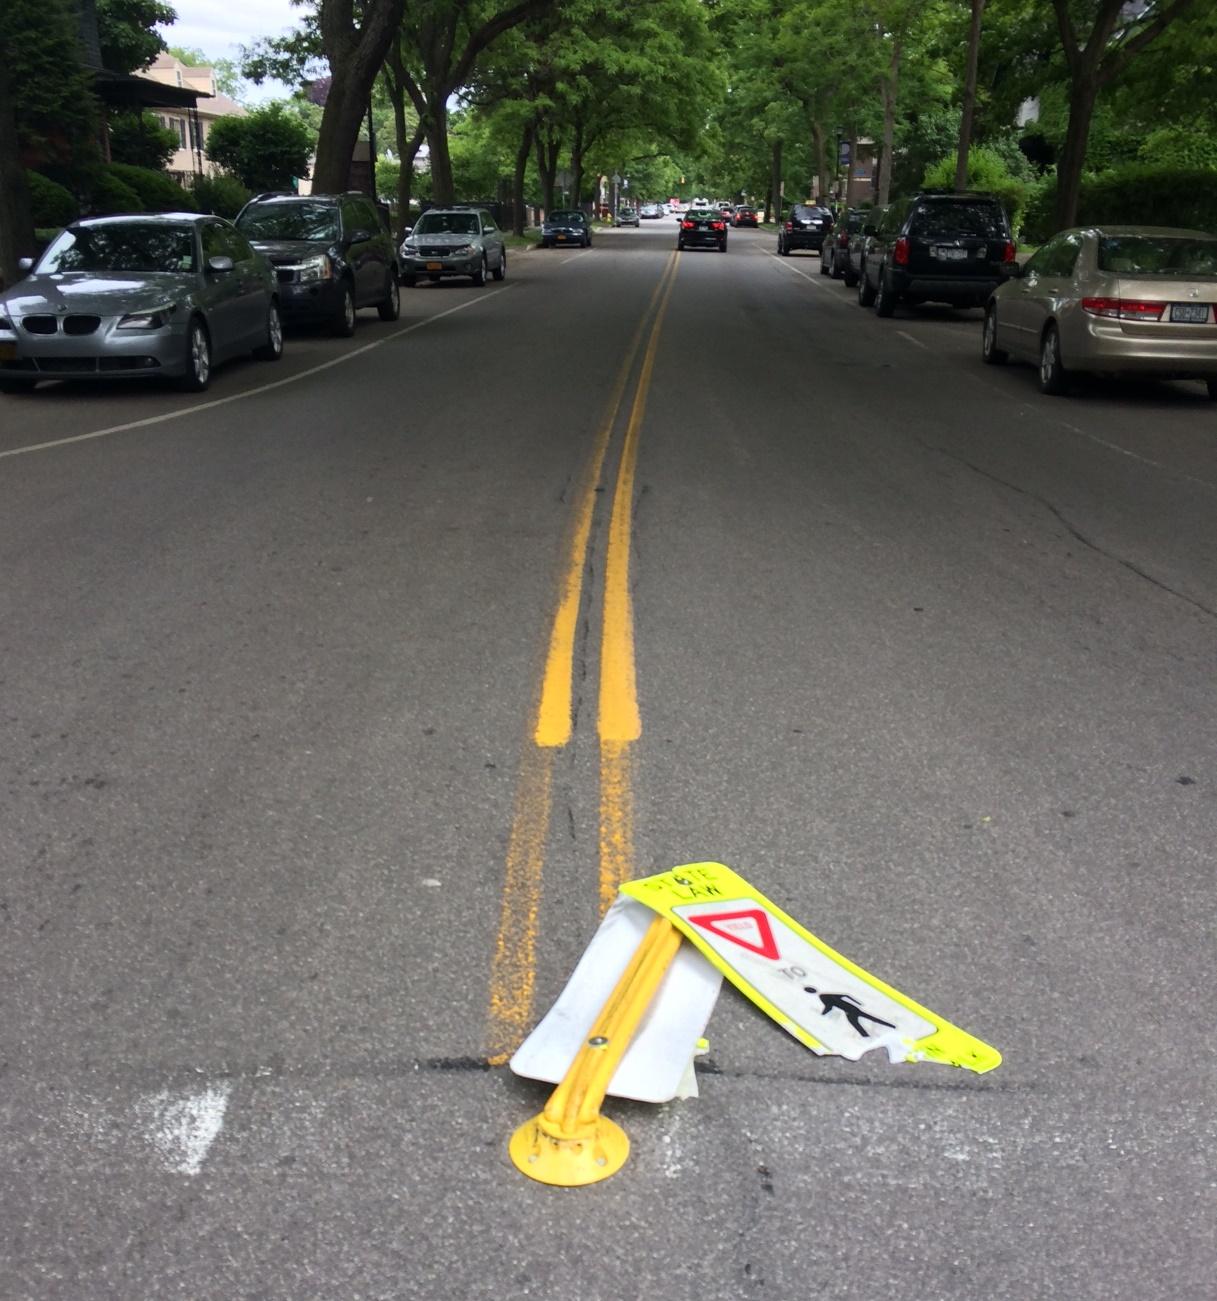 Pedestrian Sign Park Ave [PHOTO: Renee Stetzer]